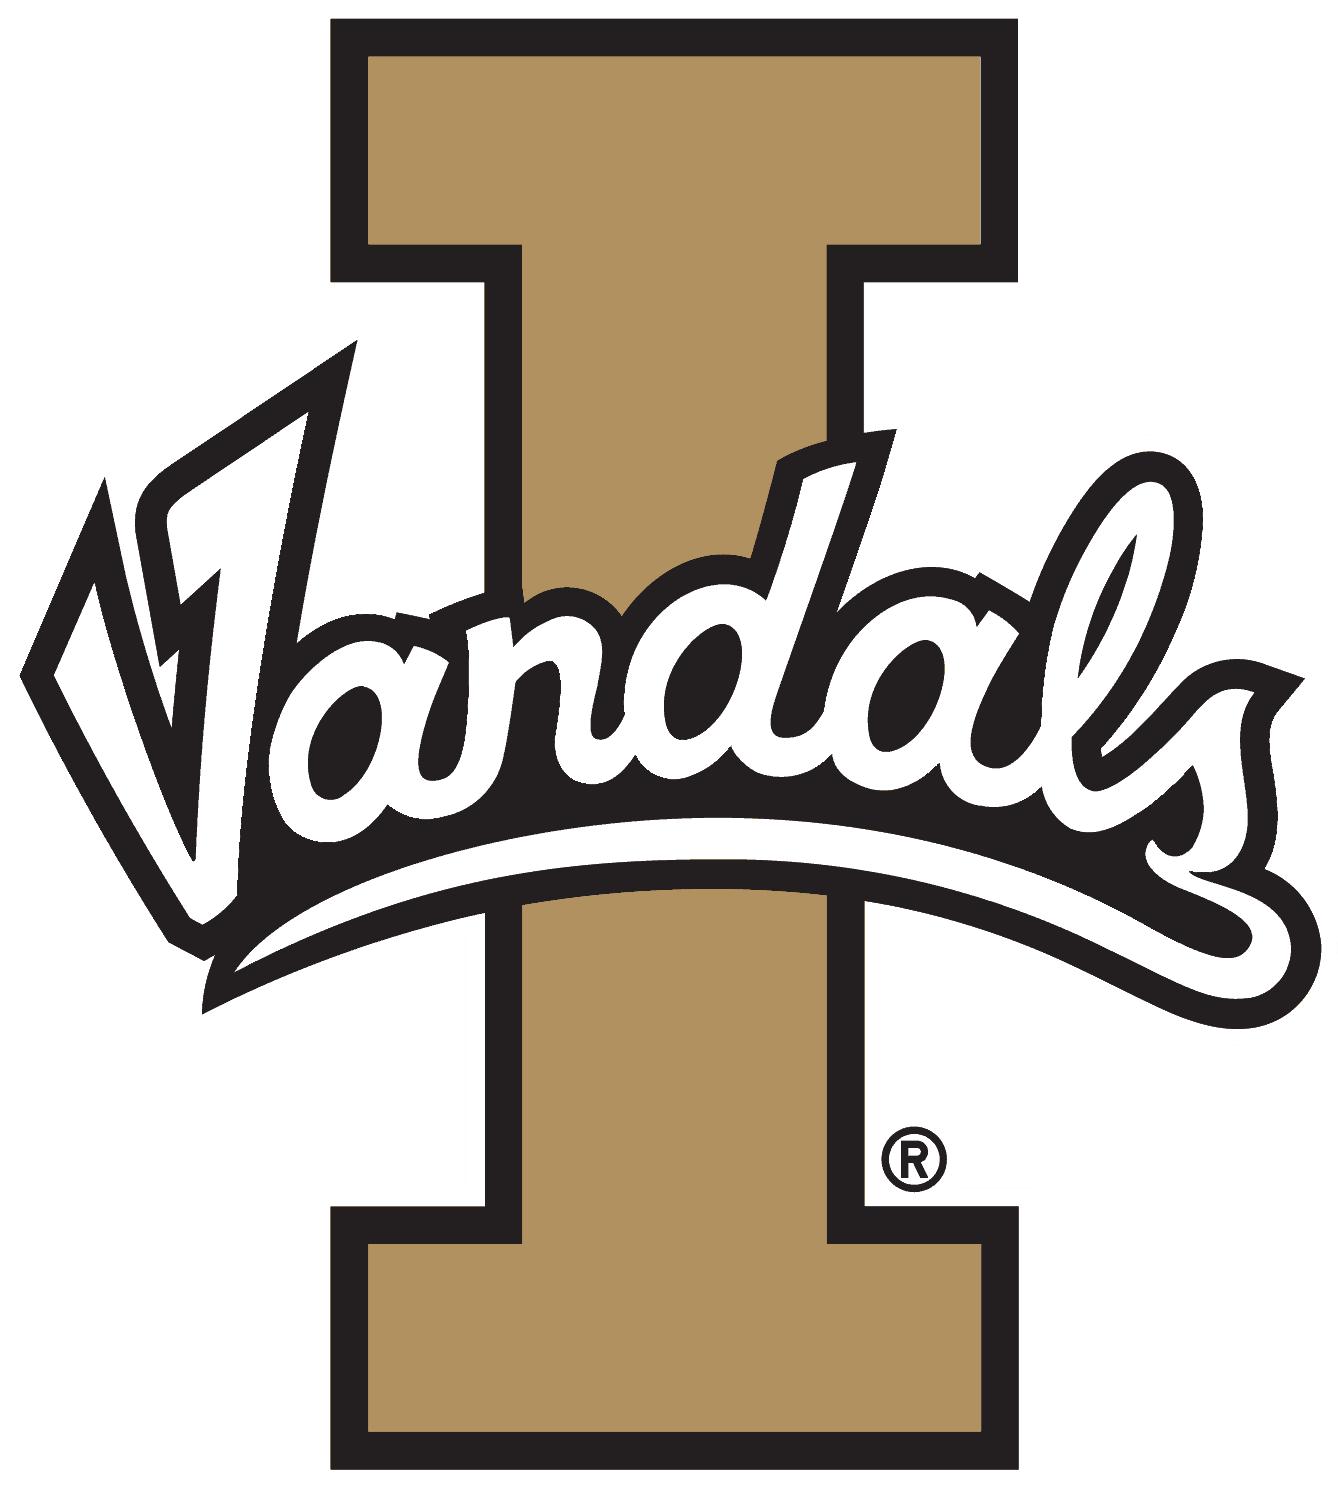 Idaho Vandals Logo png